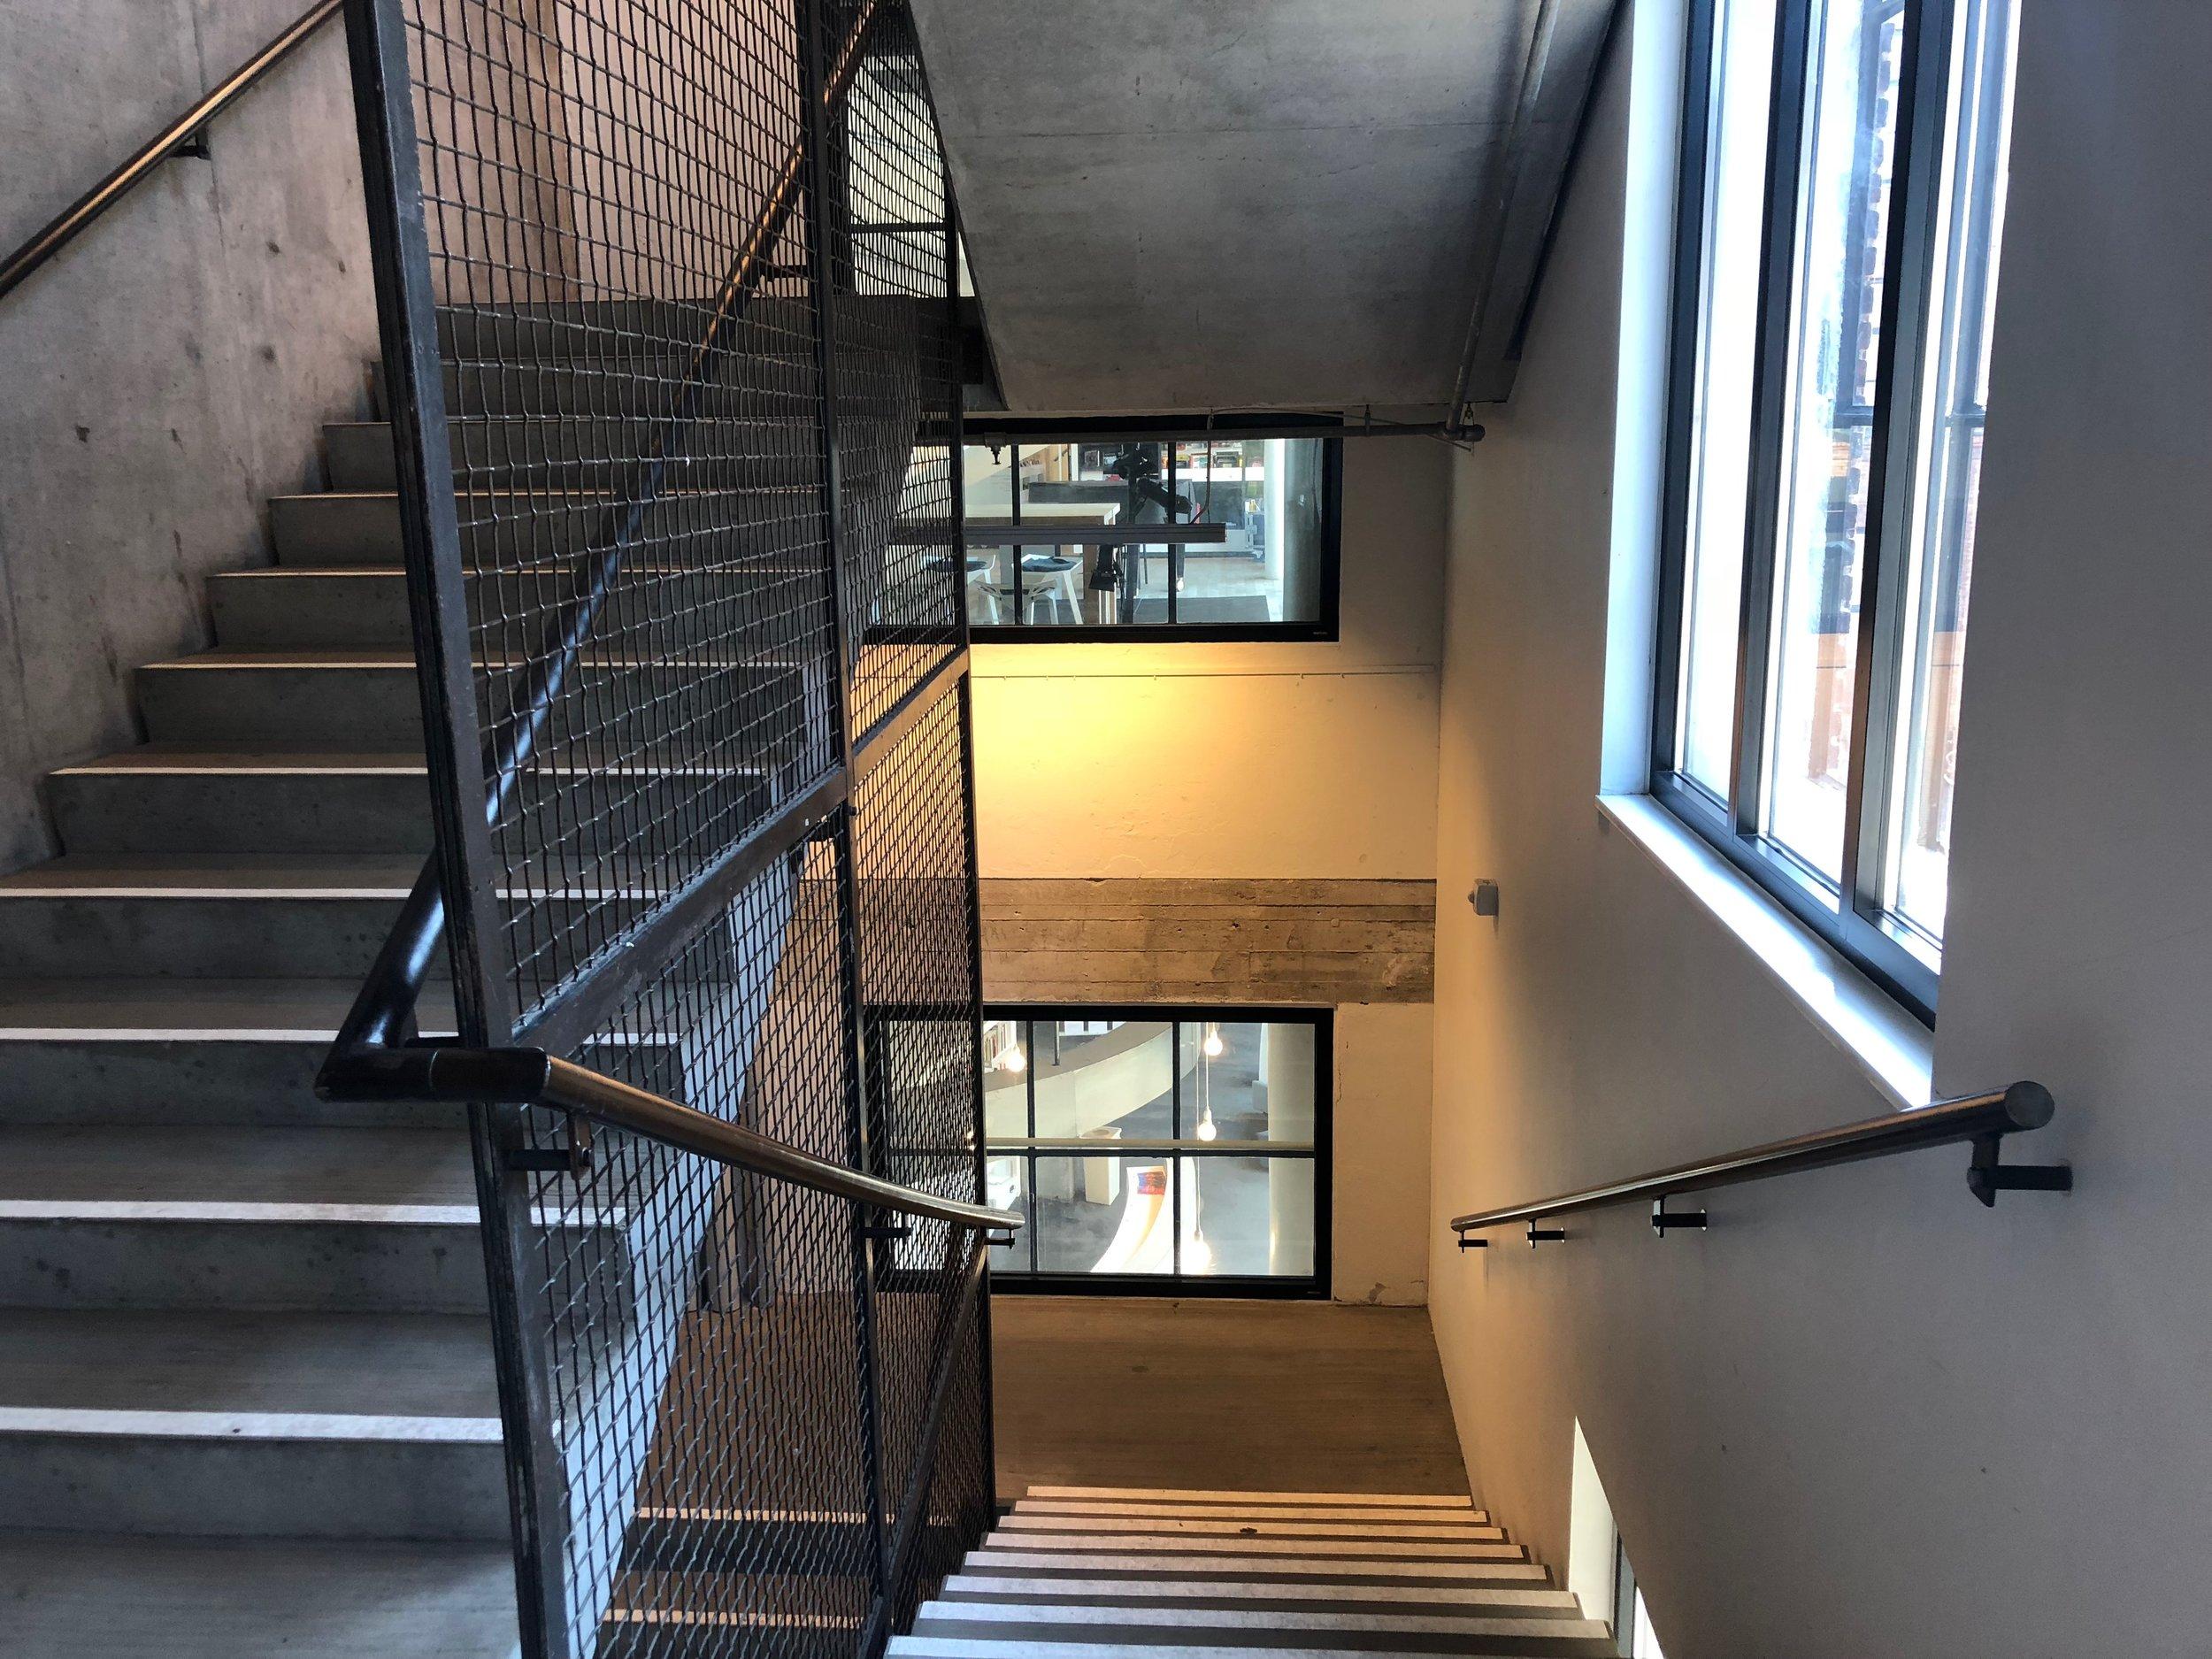 En ny beton trappe er sat ind i den gamle bygning. Den passer godt ind, da den har et meget råt udtryk